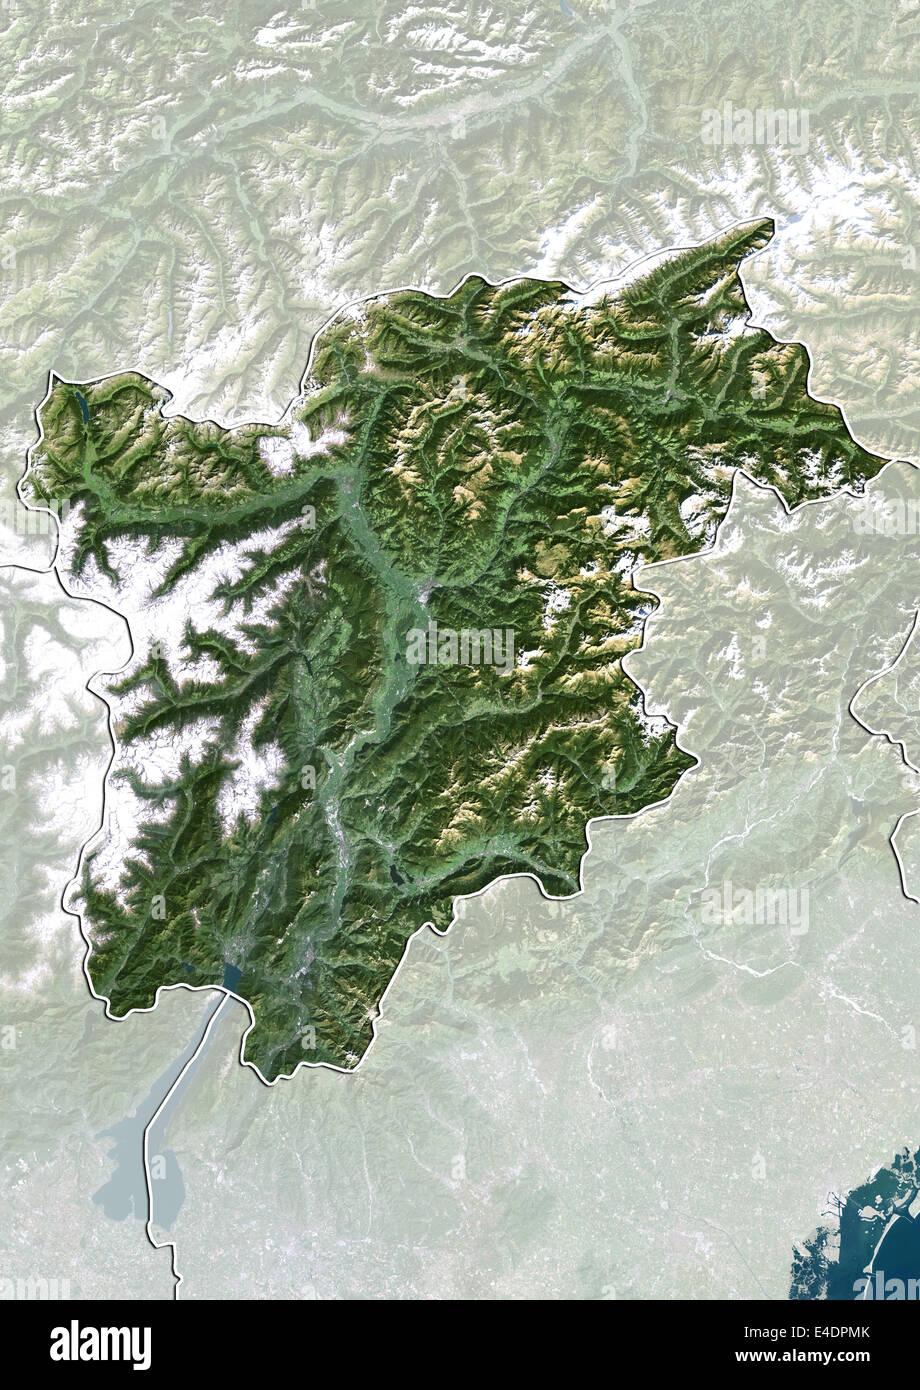 Trentino Alto Adige Cartina Geografica Fisica.Regione Trentino Alto Adige Italia True Color Satellitare Immagine Foto Stock Alamy